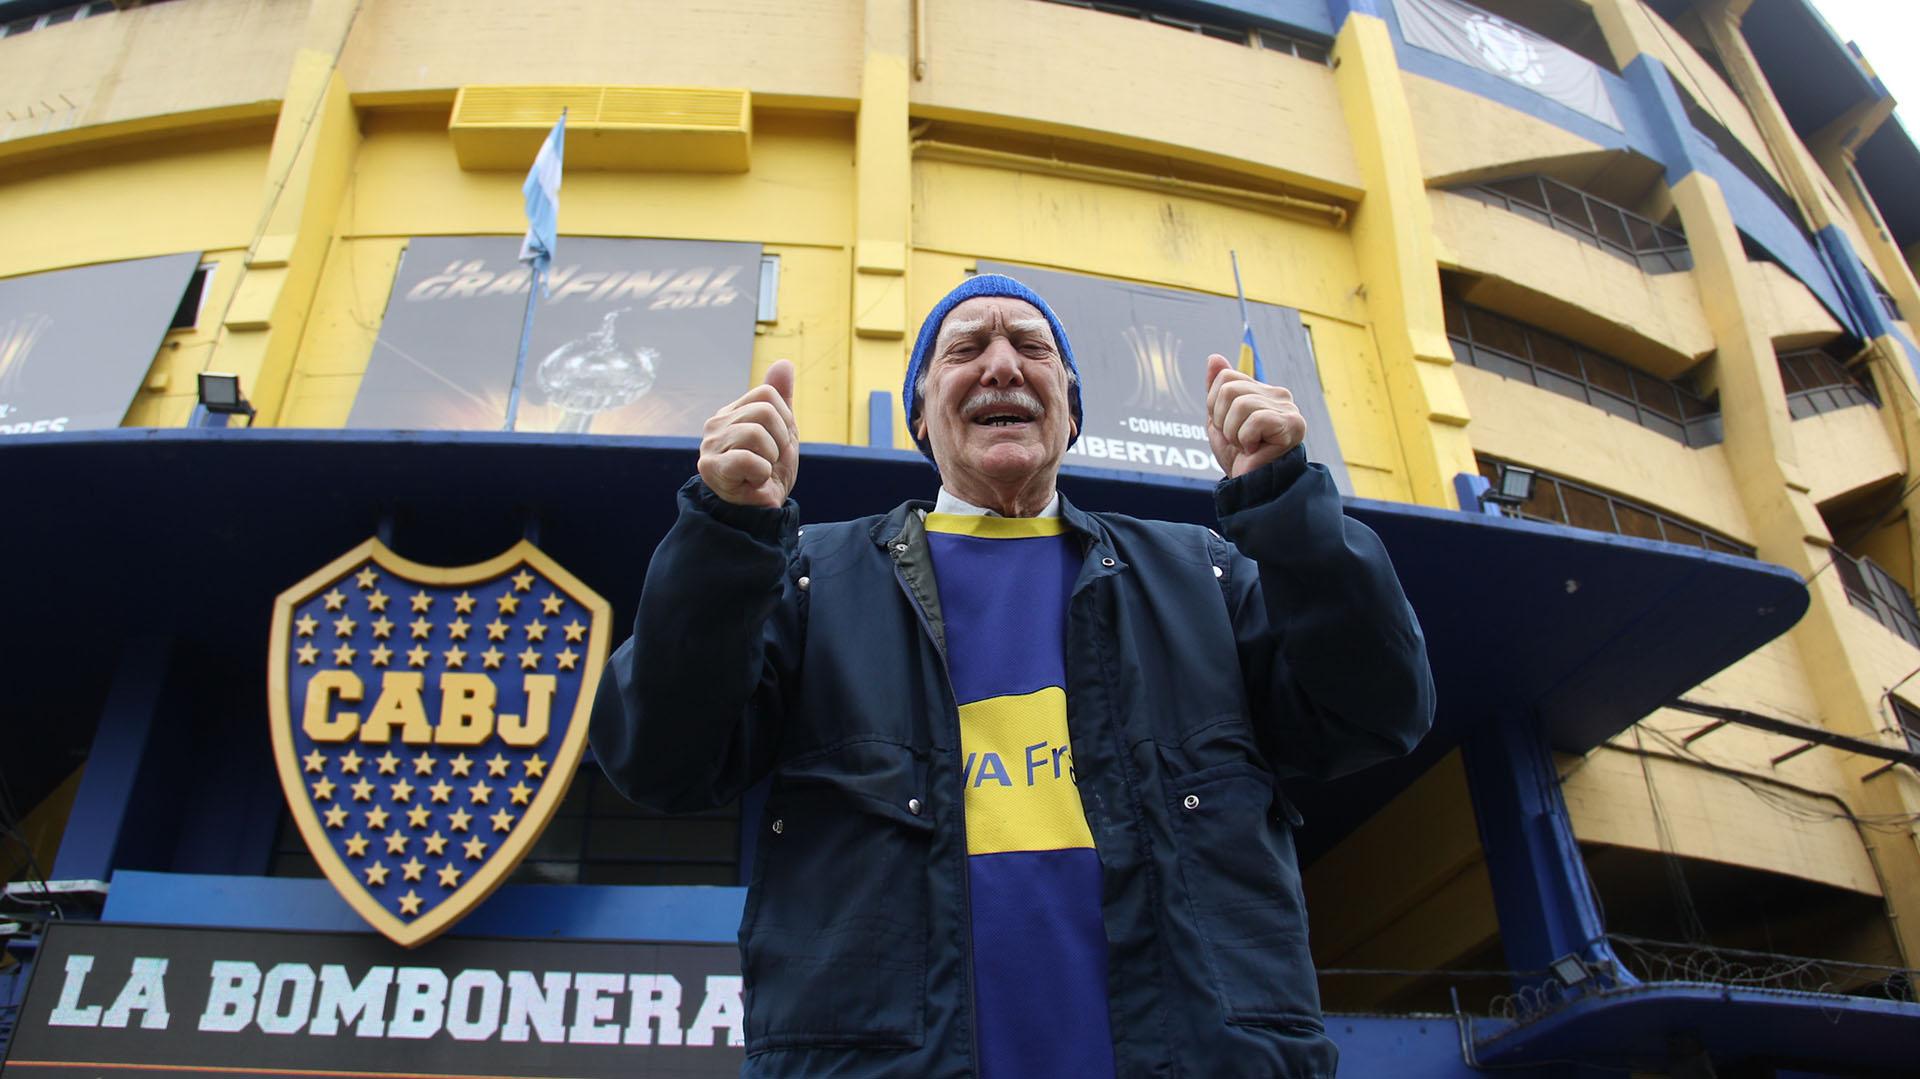 Hinchas de Boca esperan con ilusión en los alrededores de la Bombonera por el comienzo de uno de los dos partidos más esperados de la historia del fútbol continental (Matias Baglietto)